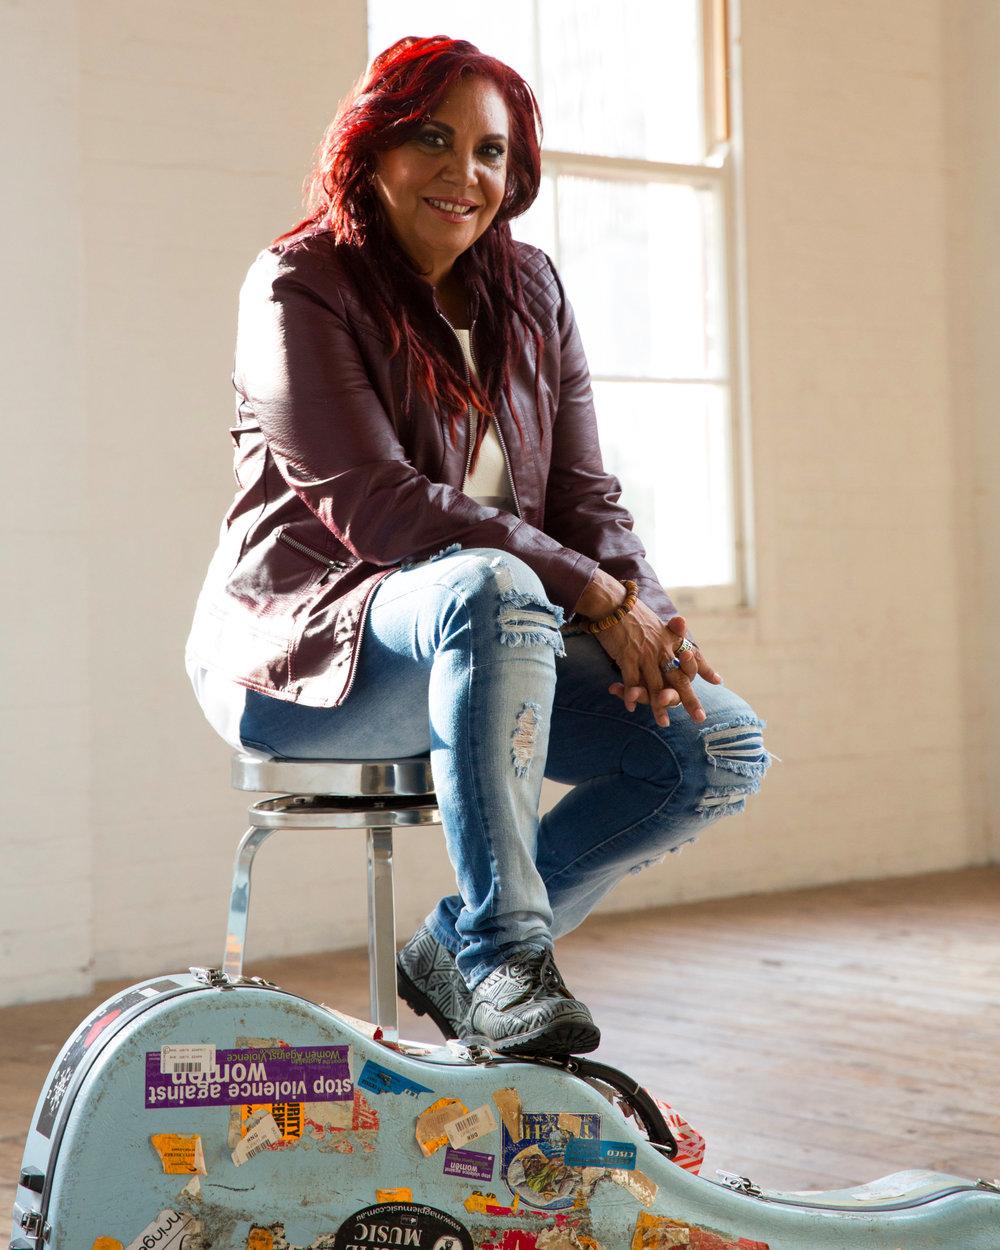 Shellie Morris Indigenous Australian Singer/Songwriter